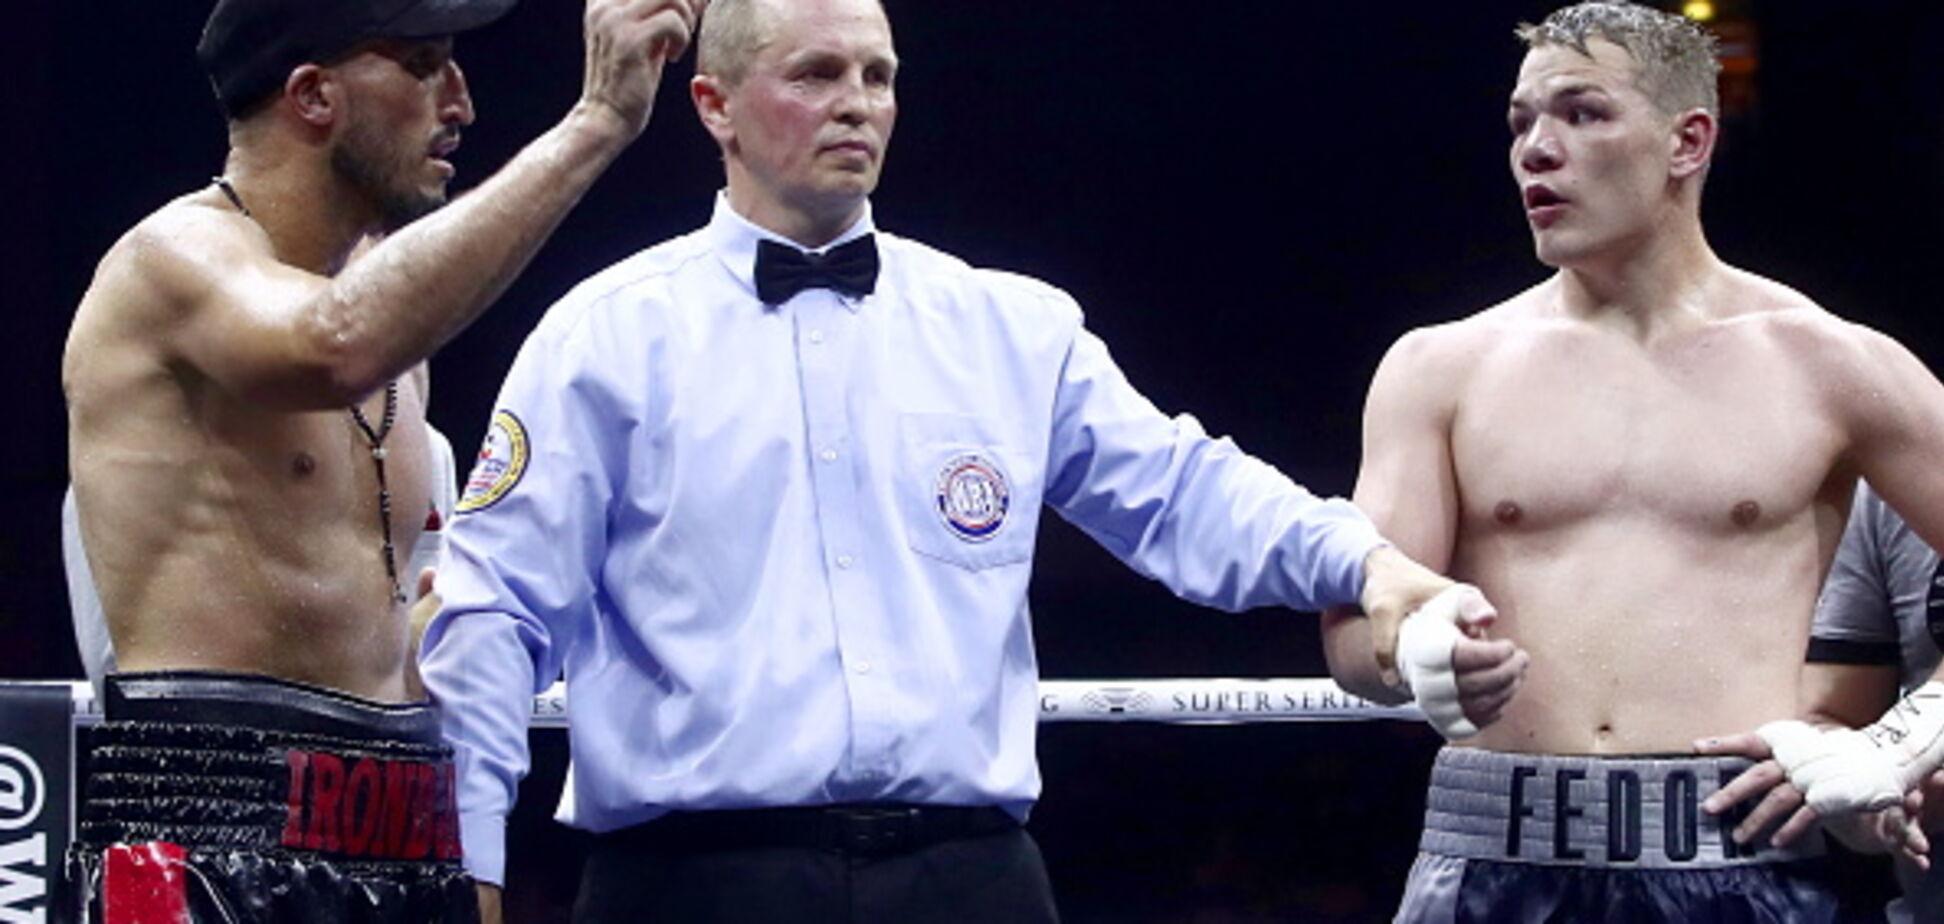 Ганьба з російським боксером перед боєм Усик - Гассiєв викликала гнів у мережі